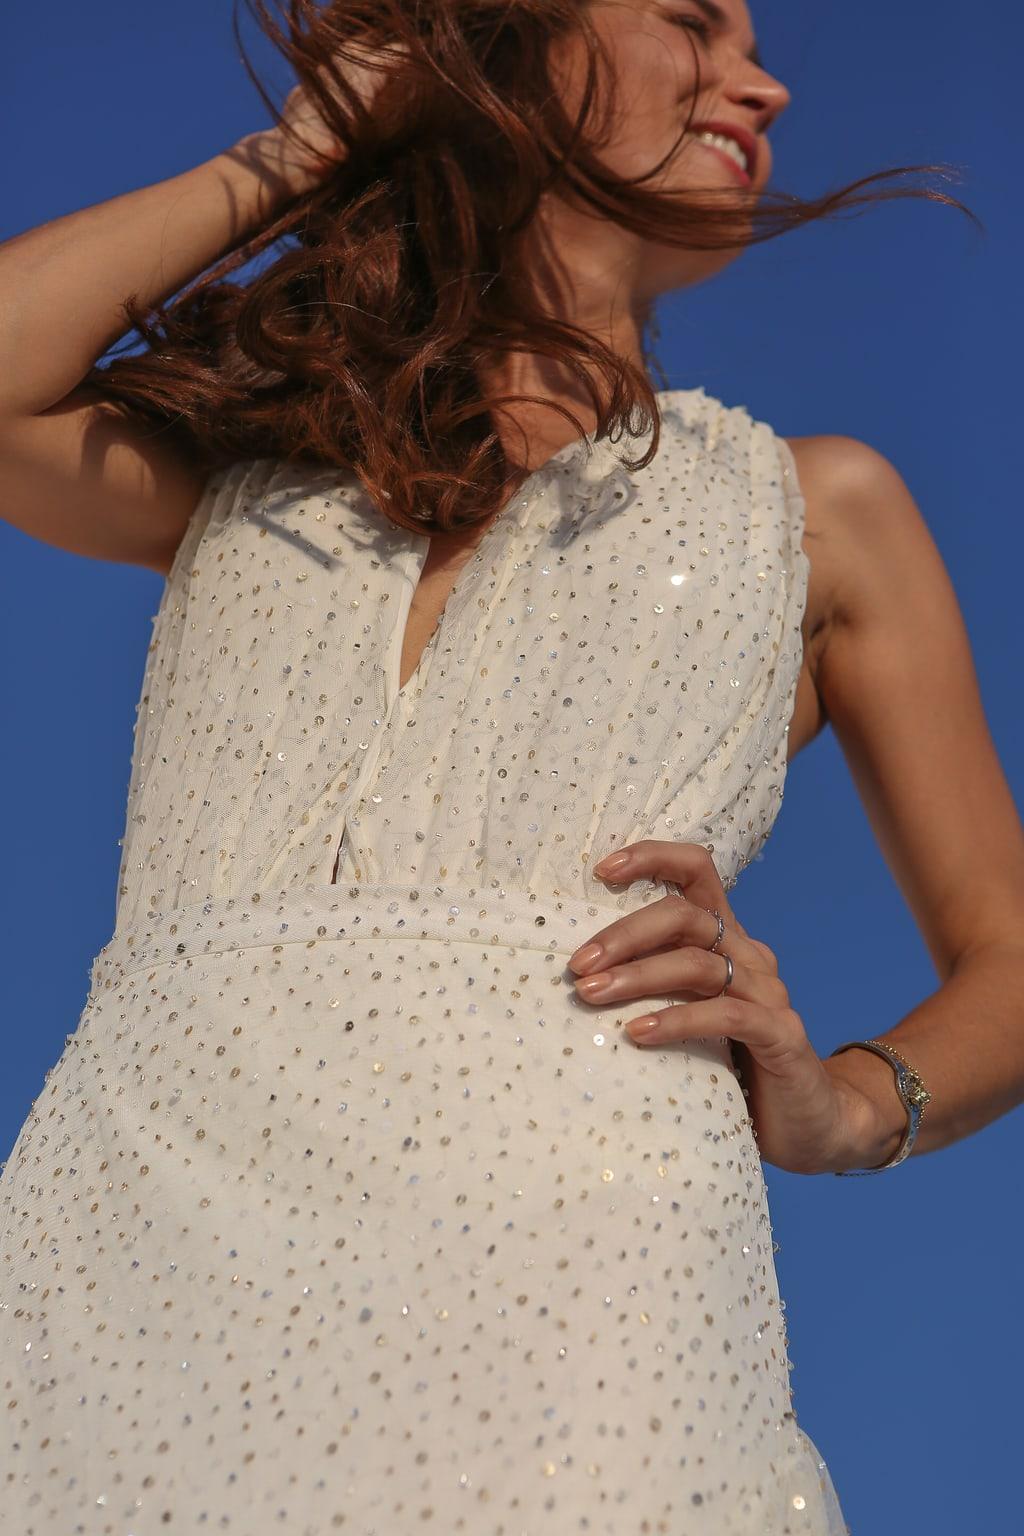 vestidos-ano-novo-reveillon-vestido-de-festa-julia-golldenzon-53